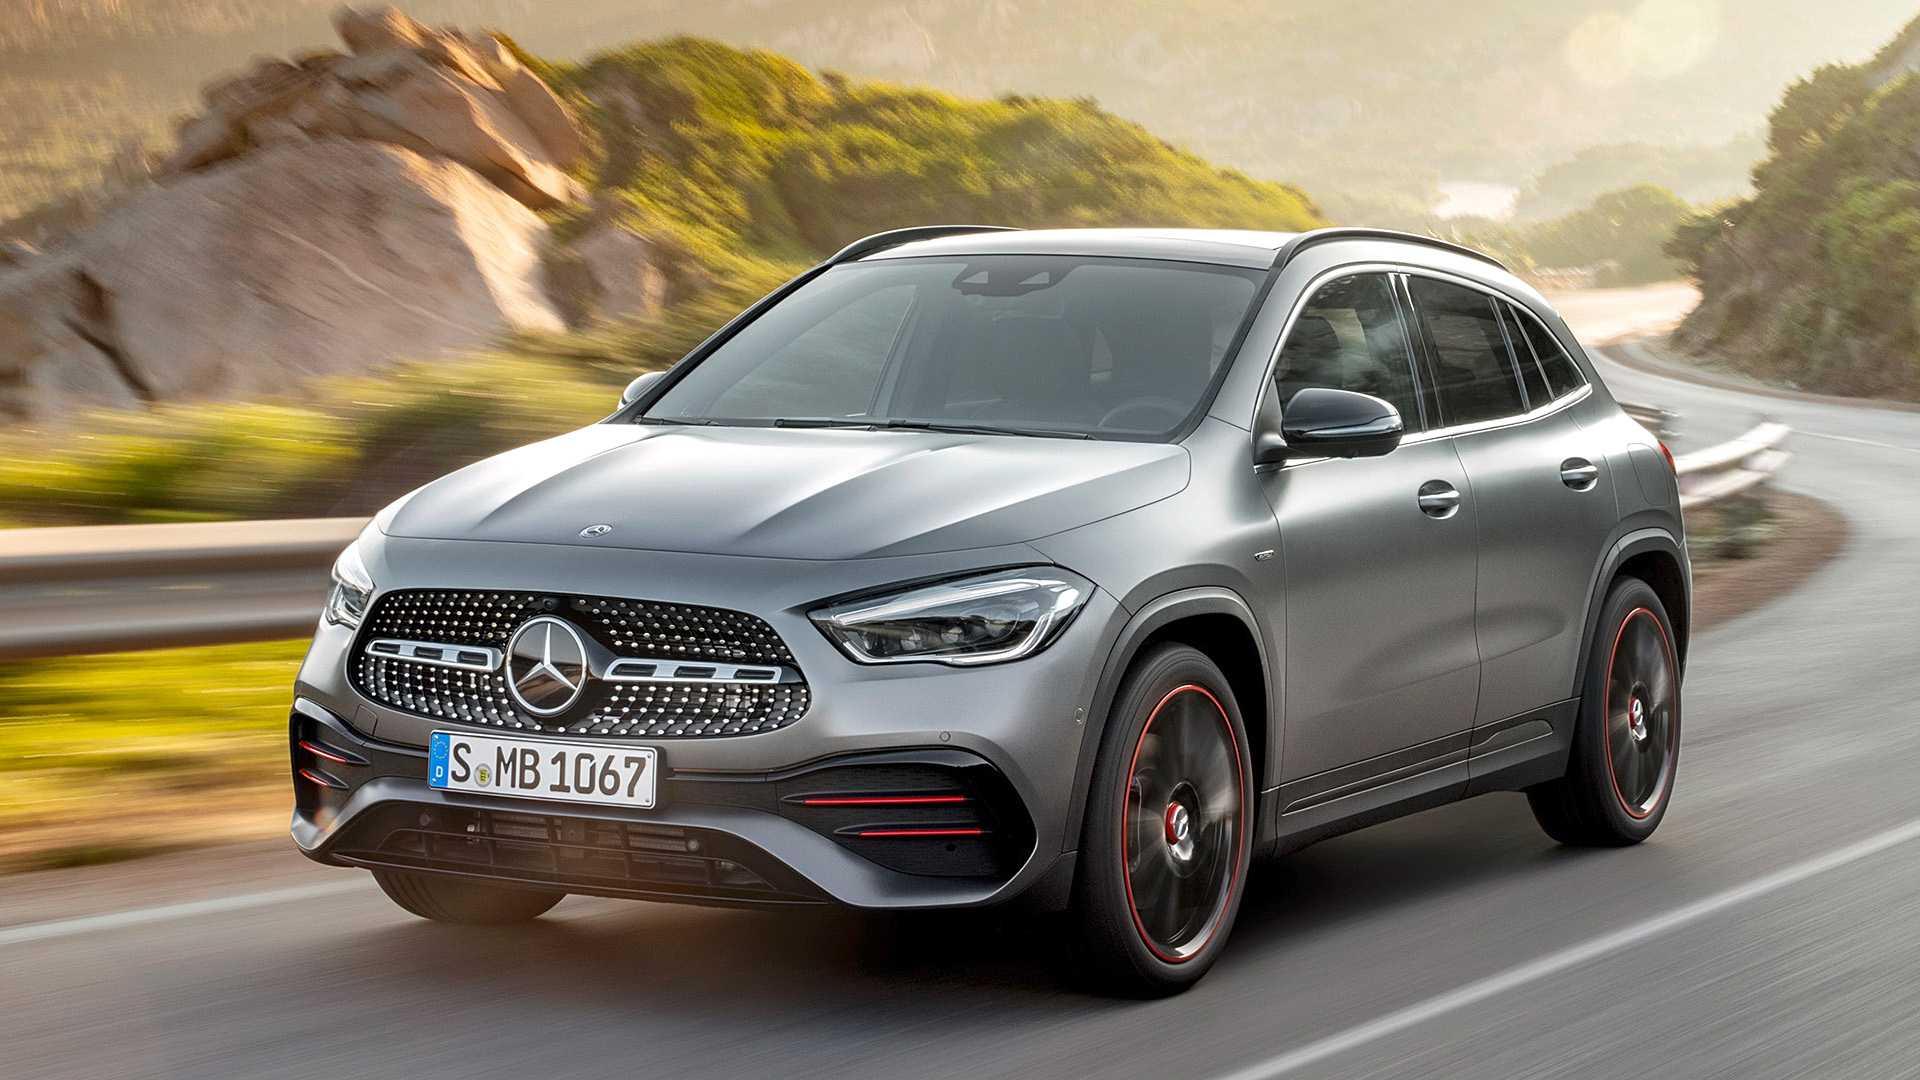 Ra mắt Mercedes-Benz GLA 2021 thế hệ mới, nhiều cải tiến đáng chú ý - 0